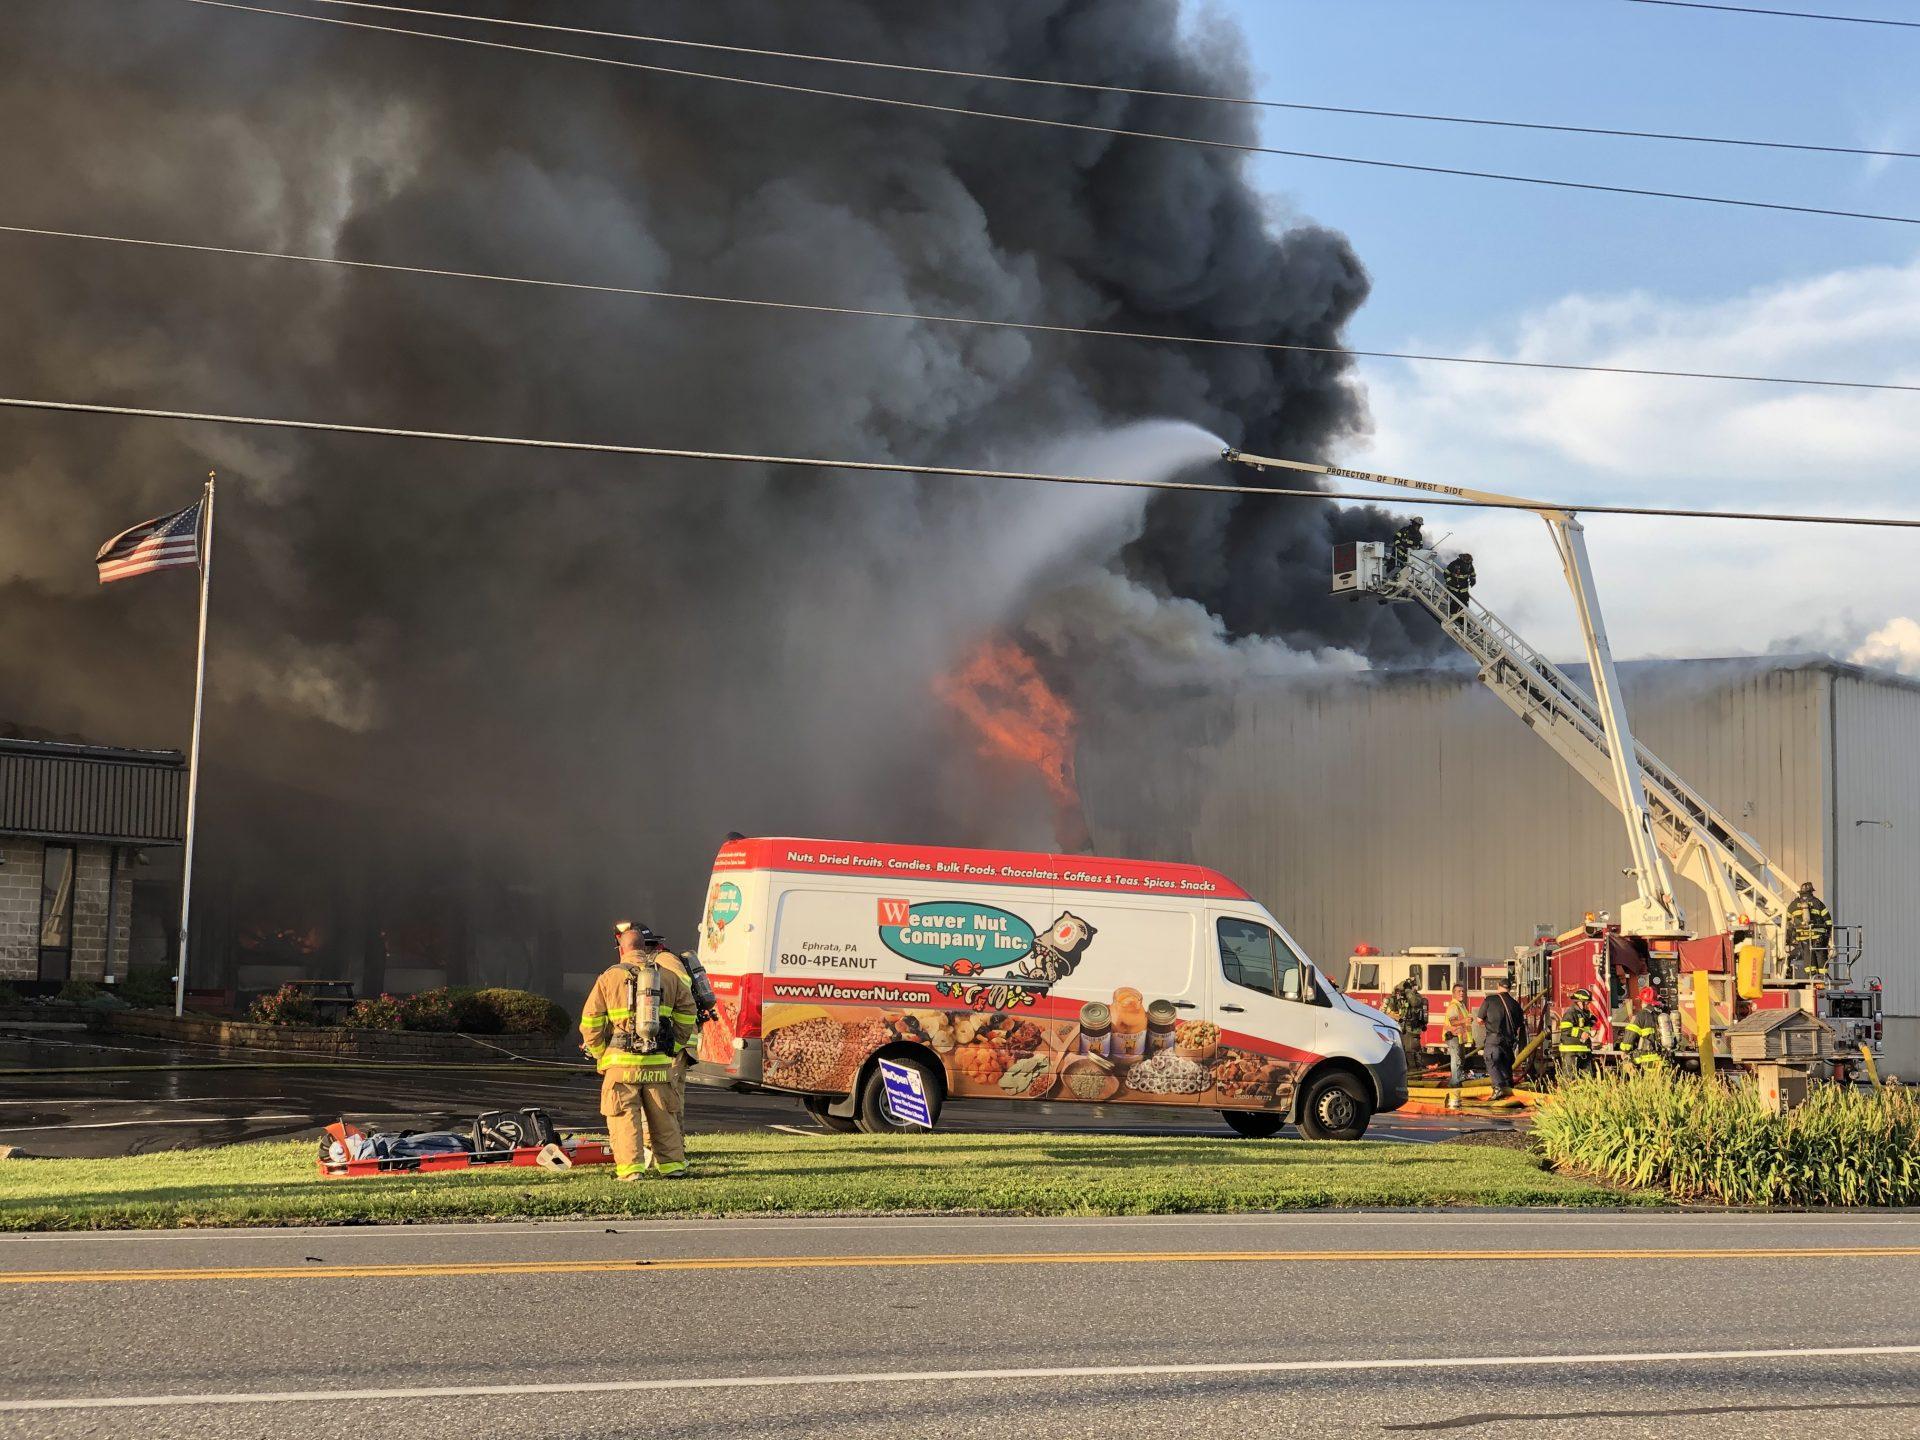 Weaver Nut Company Fire